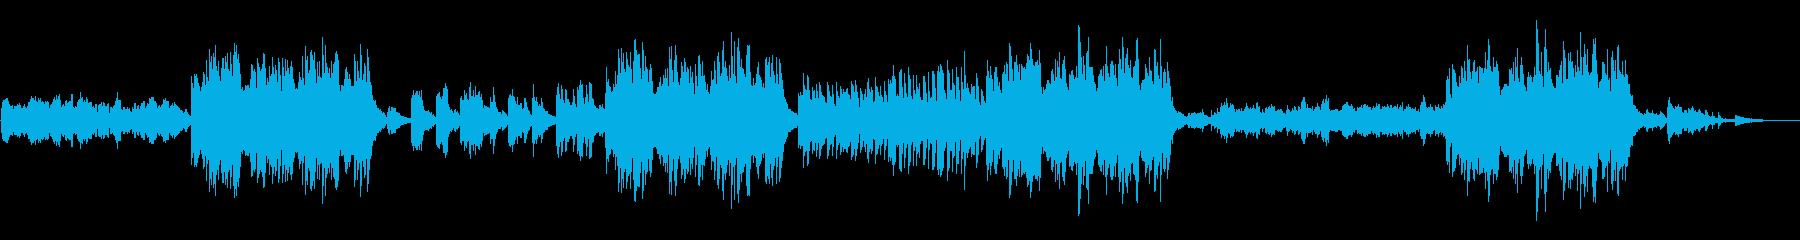 爽やかなピアノ連弾曲の再生済みの波形